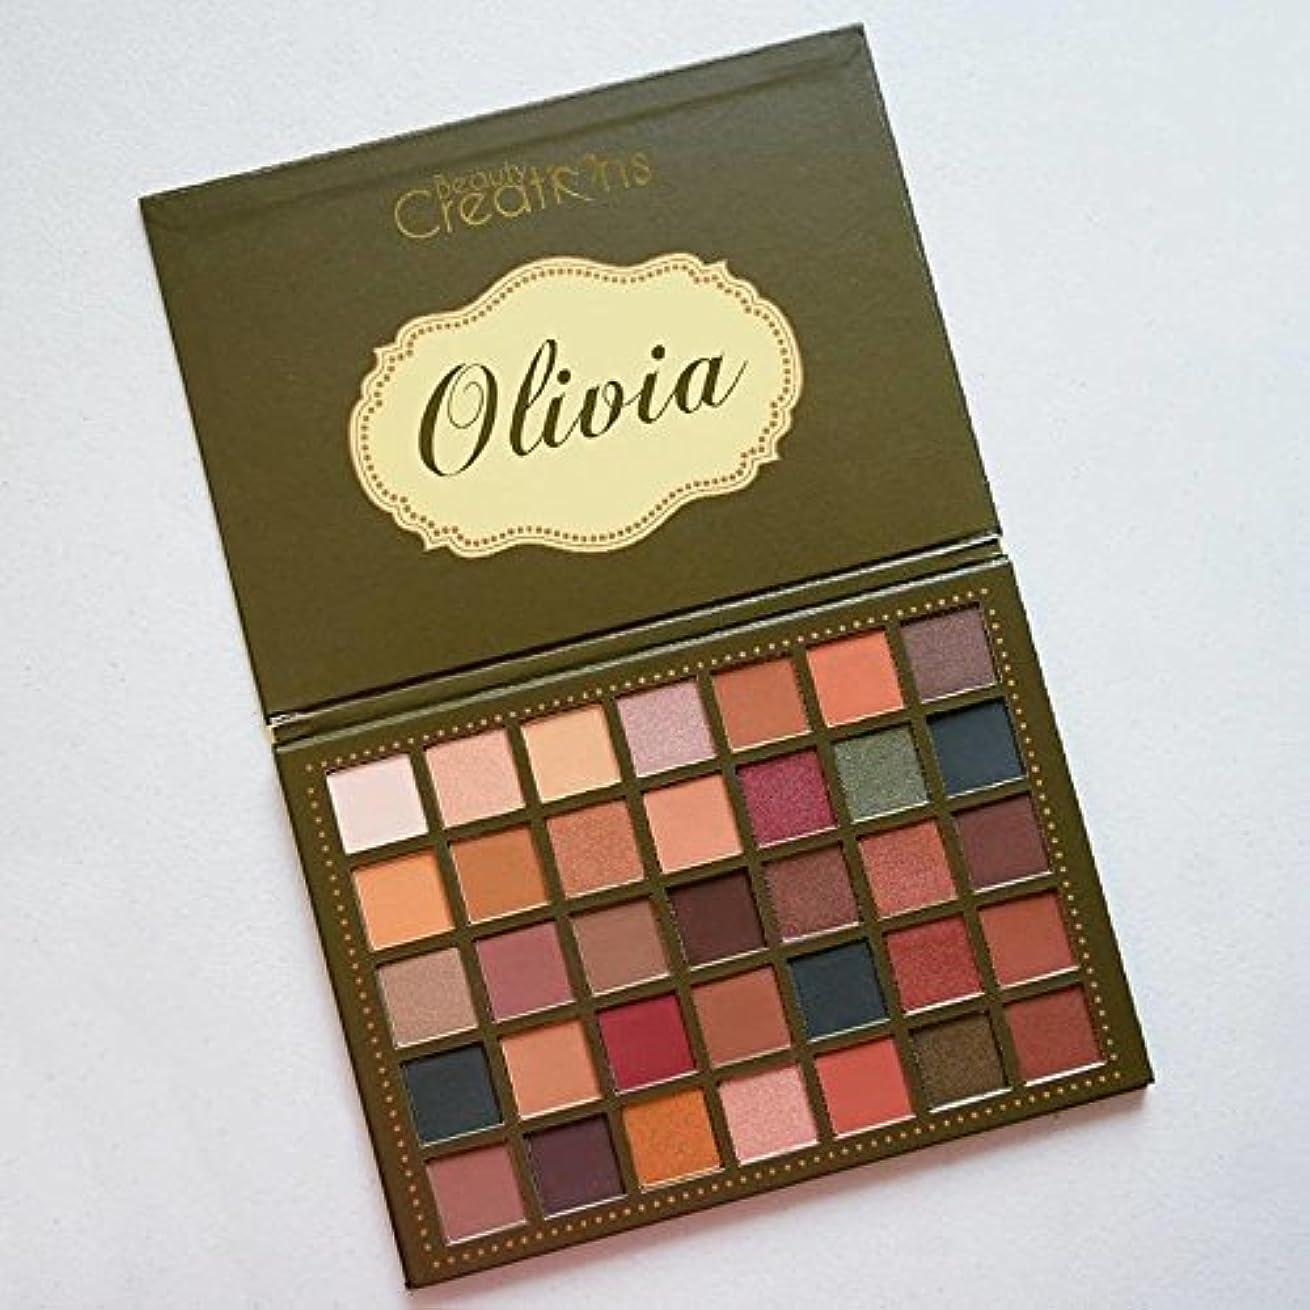 リフレッシュ剣台無しにBEAUTY CREATIONS 35 Color Palette - Olivia (並行輸入品)